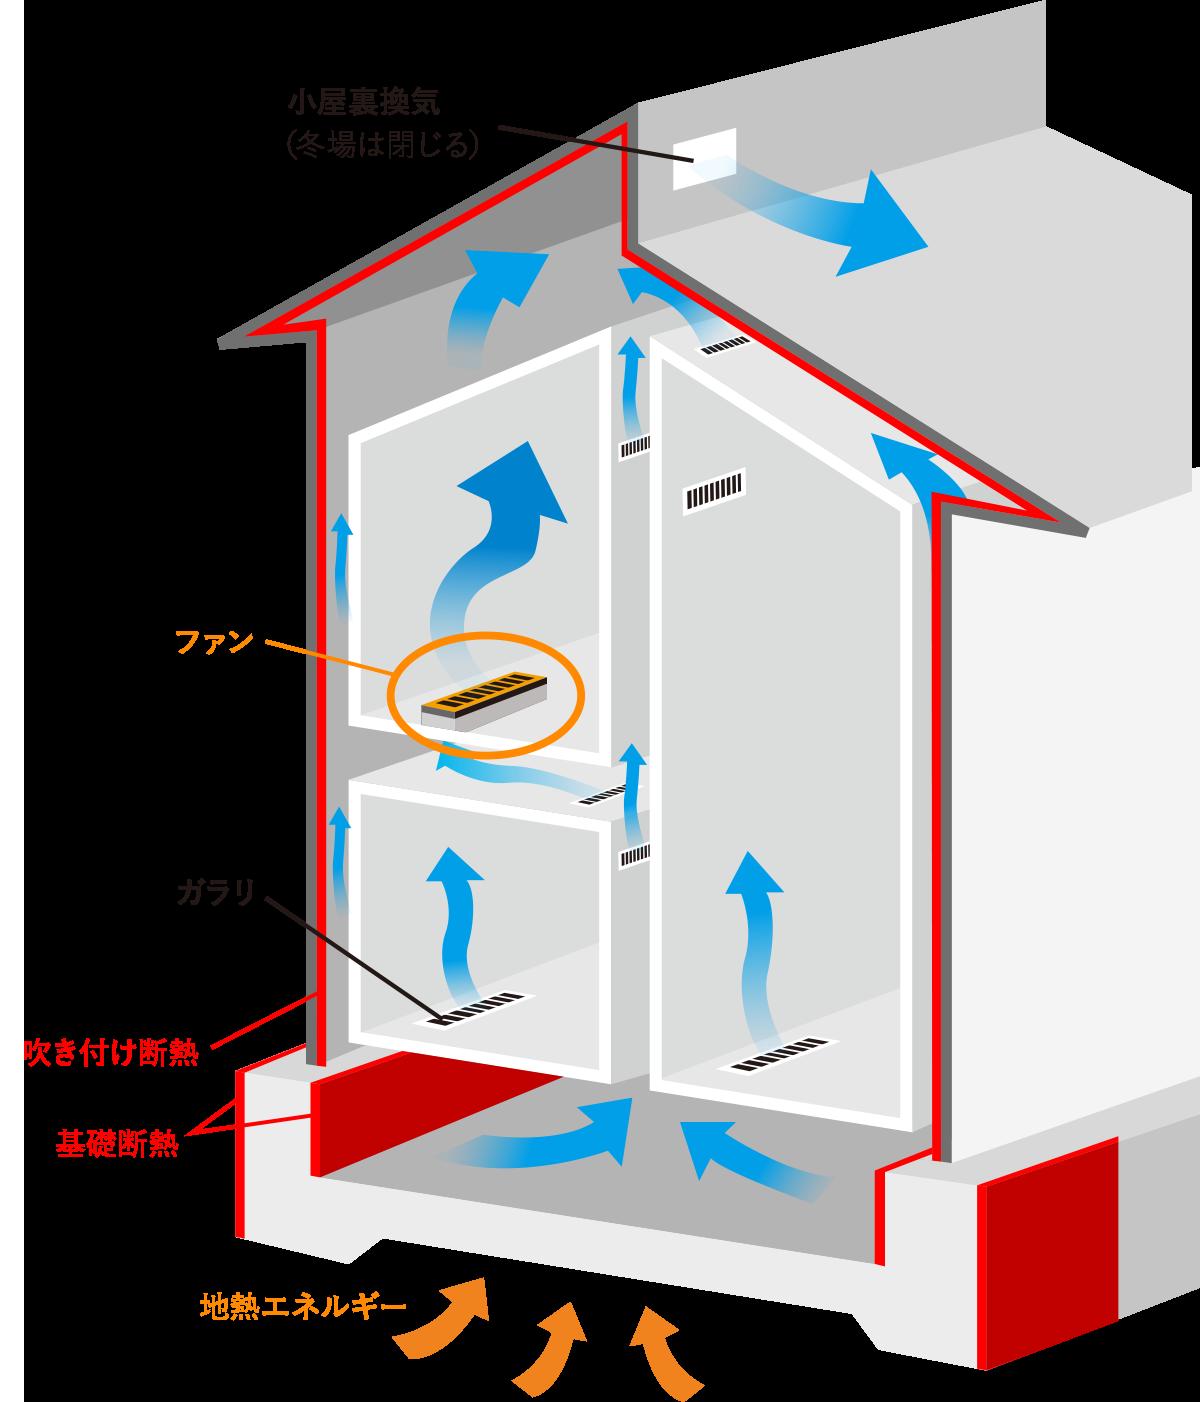 空気循環システム